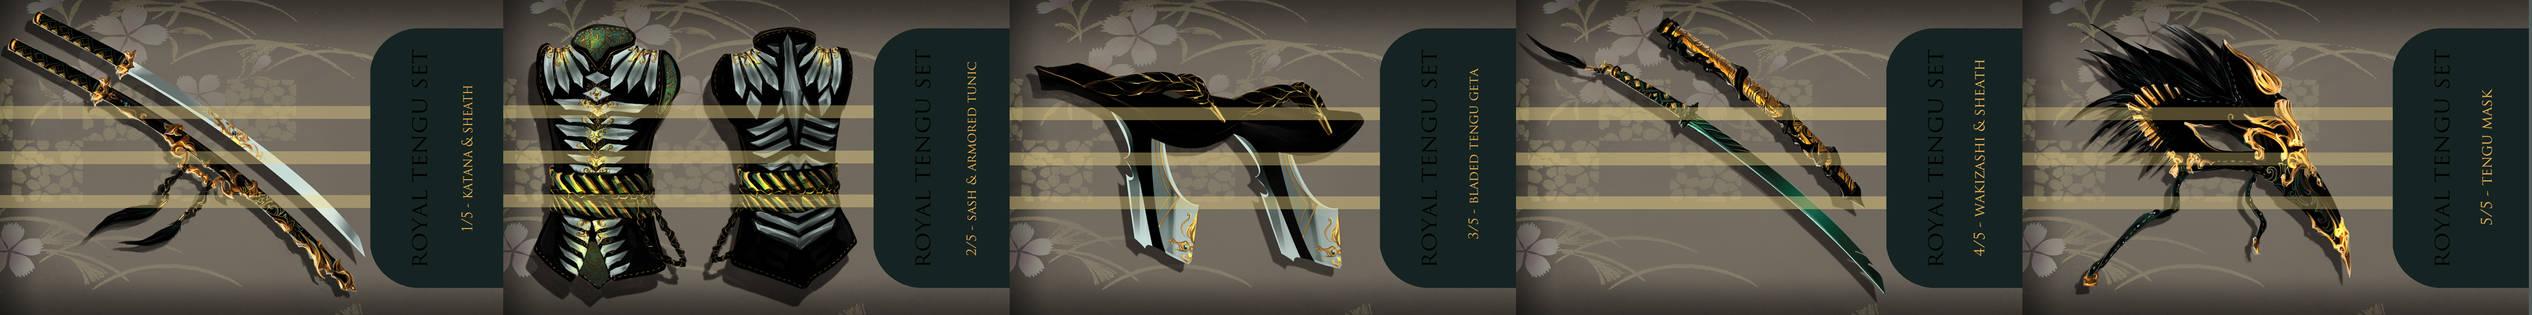 Royal Tengu set complete by ensoul